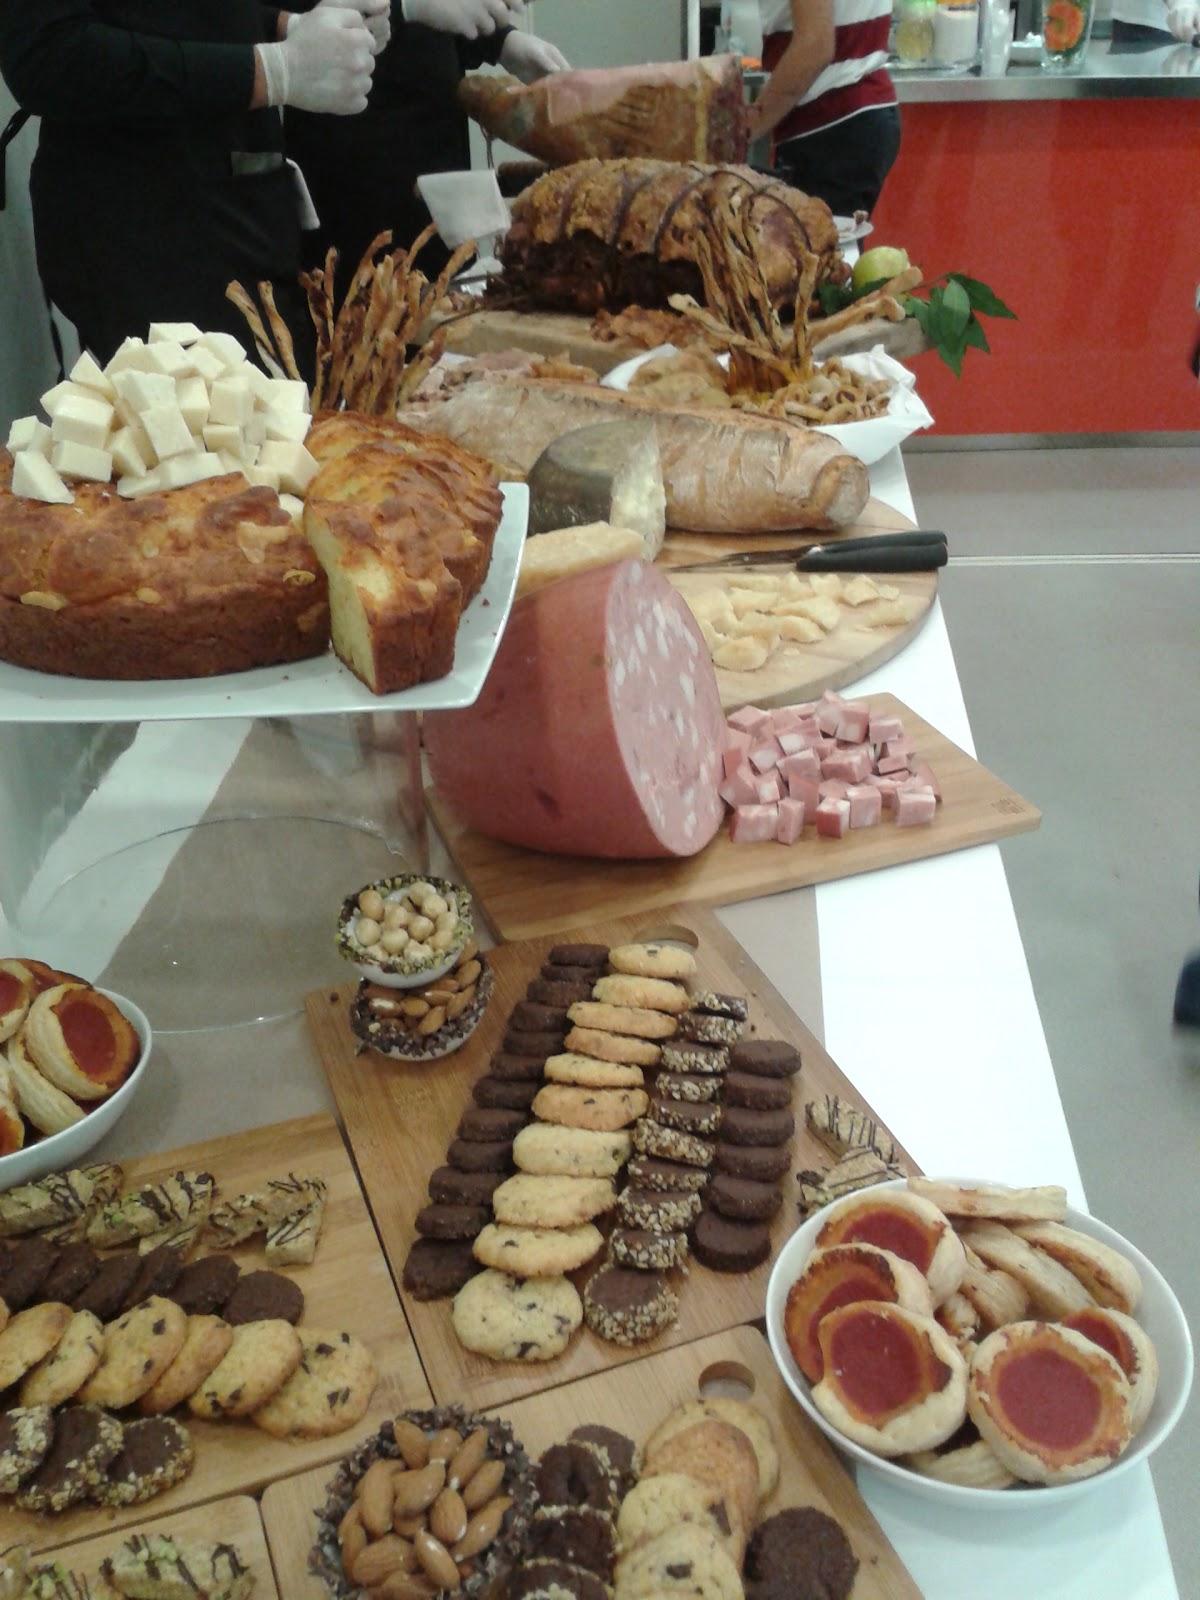 Senzapanna inaugurata ieri a roma la scuola di cucina anna moroni - Scuola di cucina roma ...